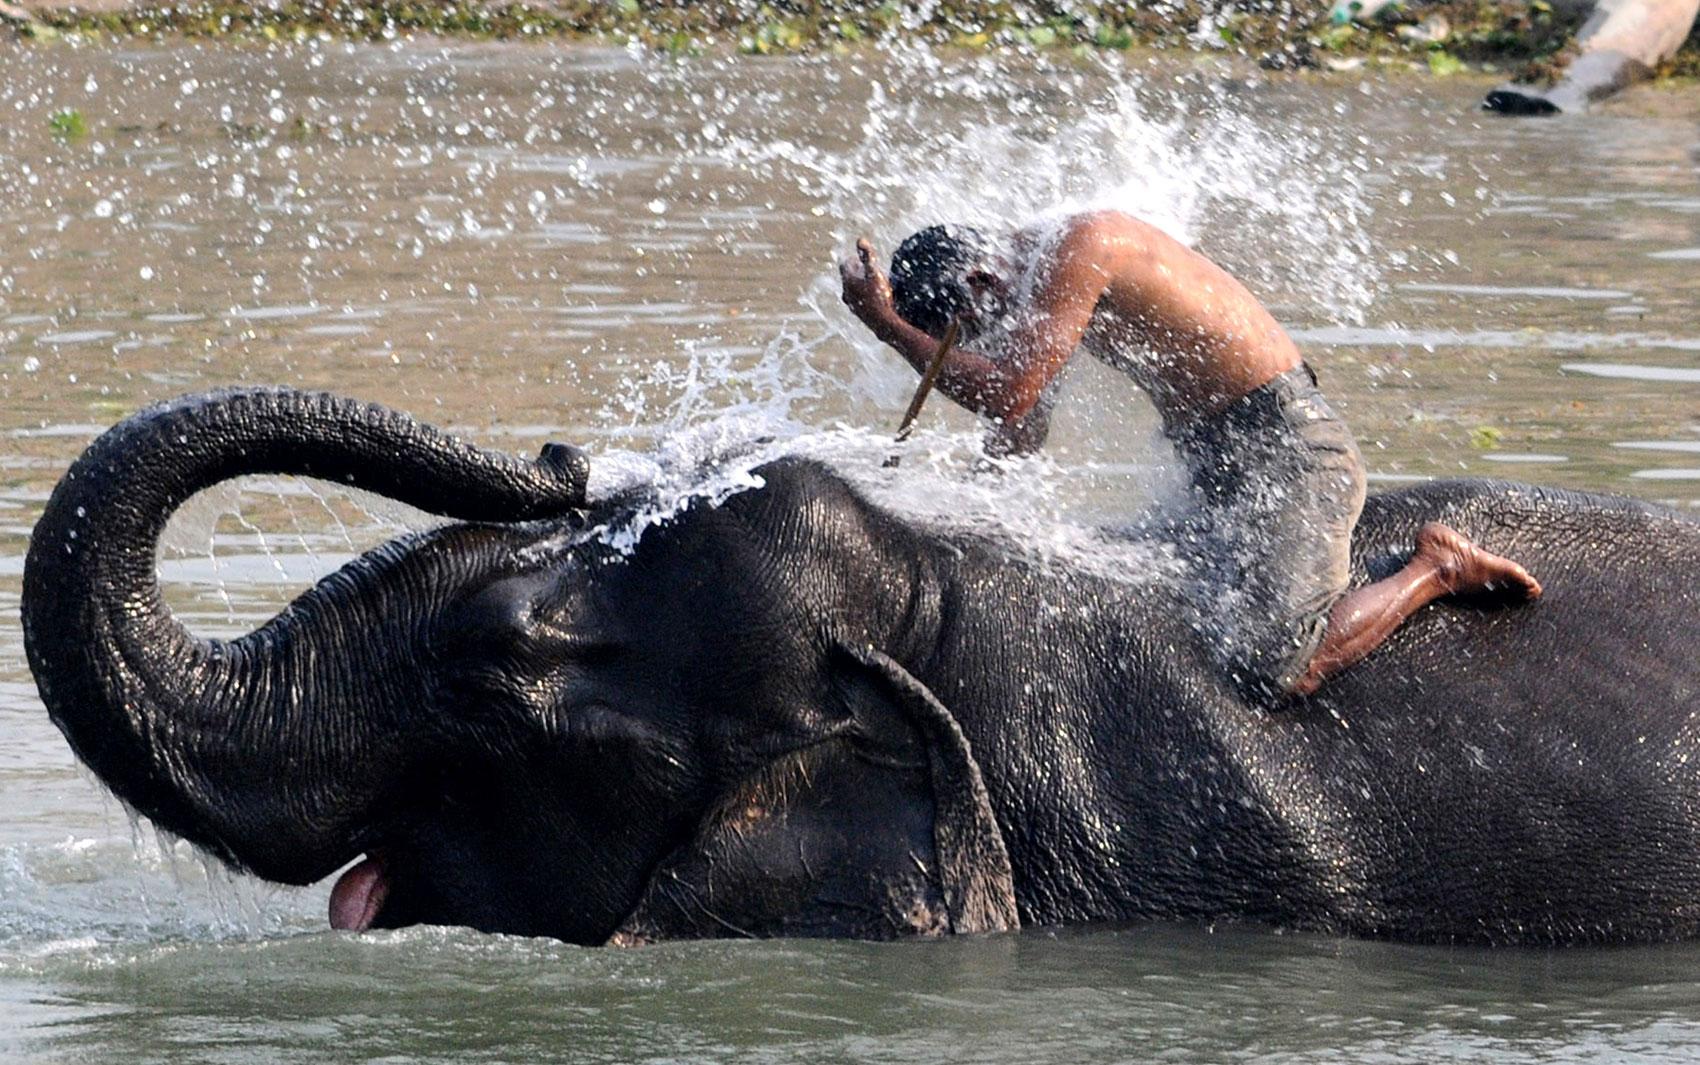 Treinador recebe um jato d'água de seu elefante, que parece rir da brincadeira durante banho no Santuário da Vida Selvagem de Pobitora, na Índia. O local oferece passeios de elefante para os visitantes.